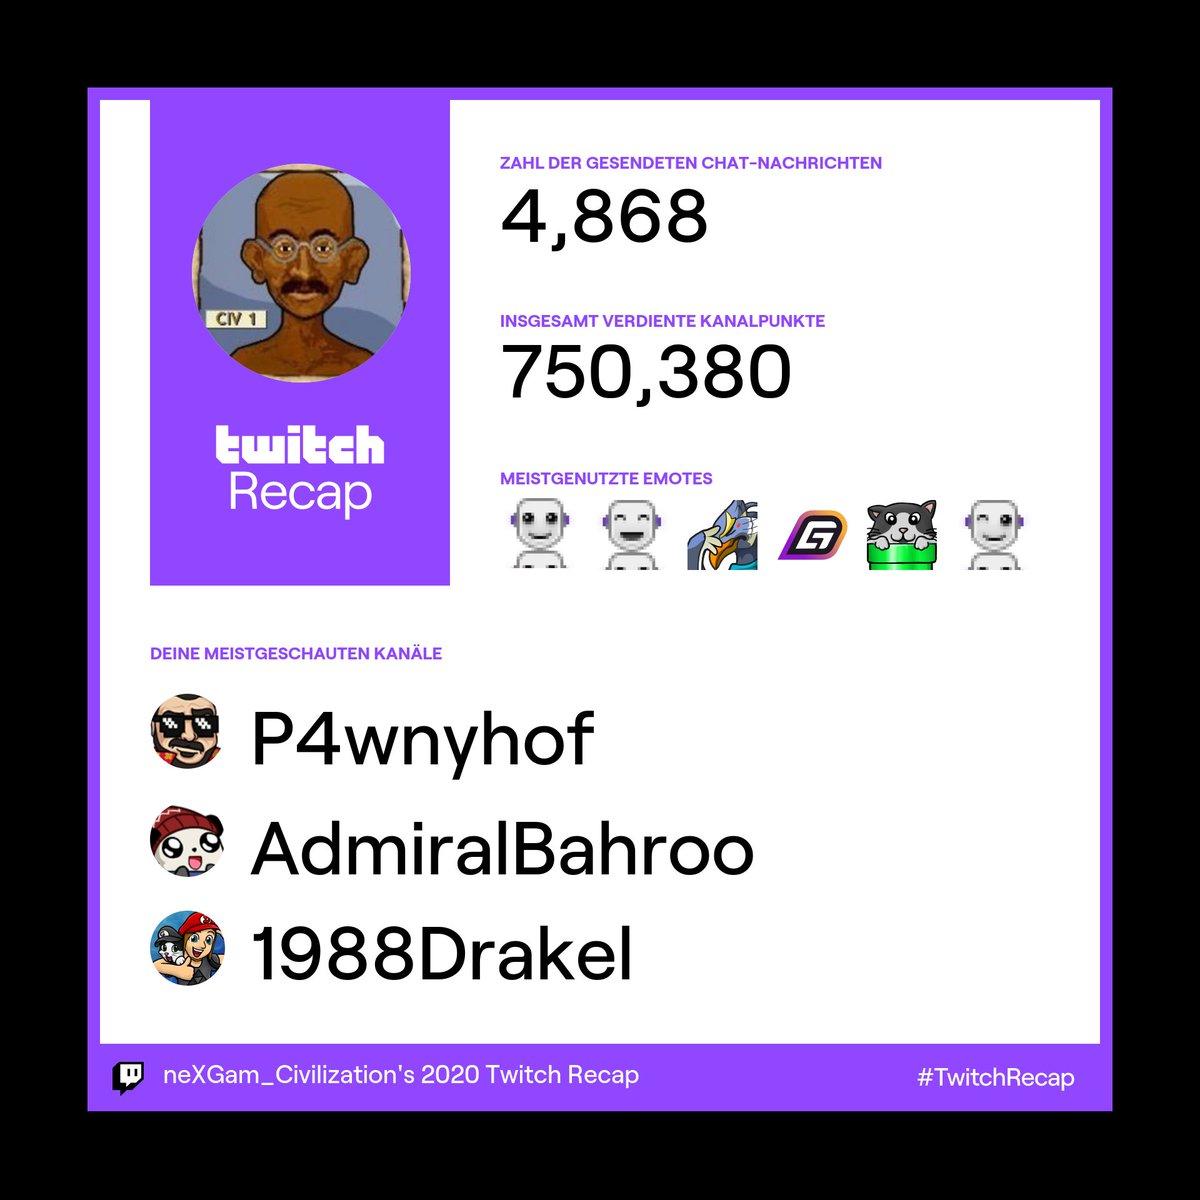 Und hier ist mein persönlicher Twitch-Offenbarungseid. *g* #twitchrecap